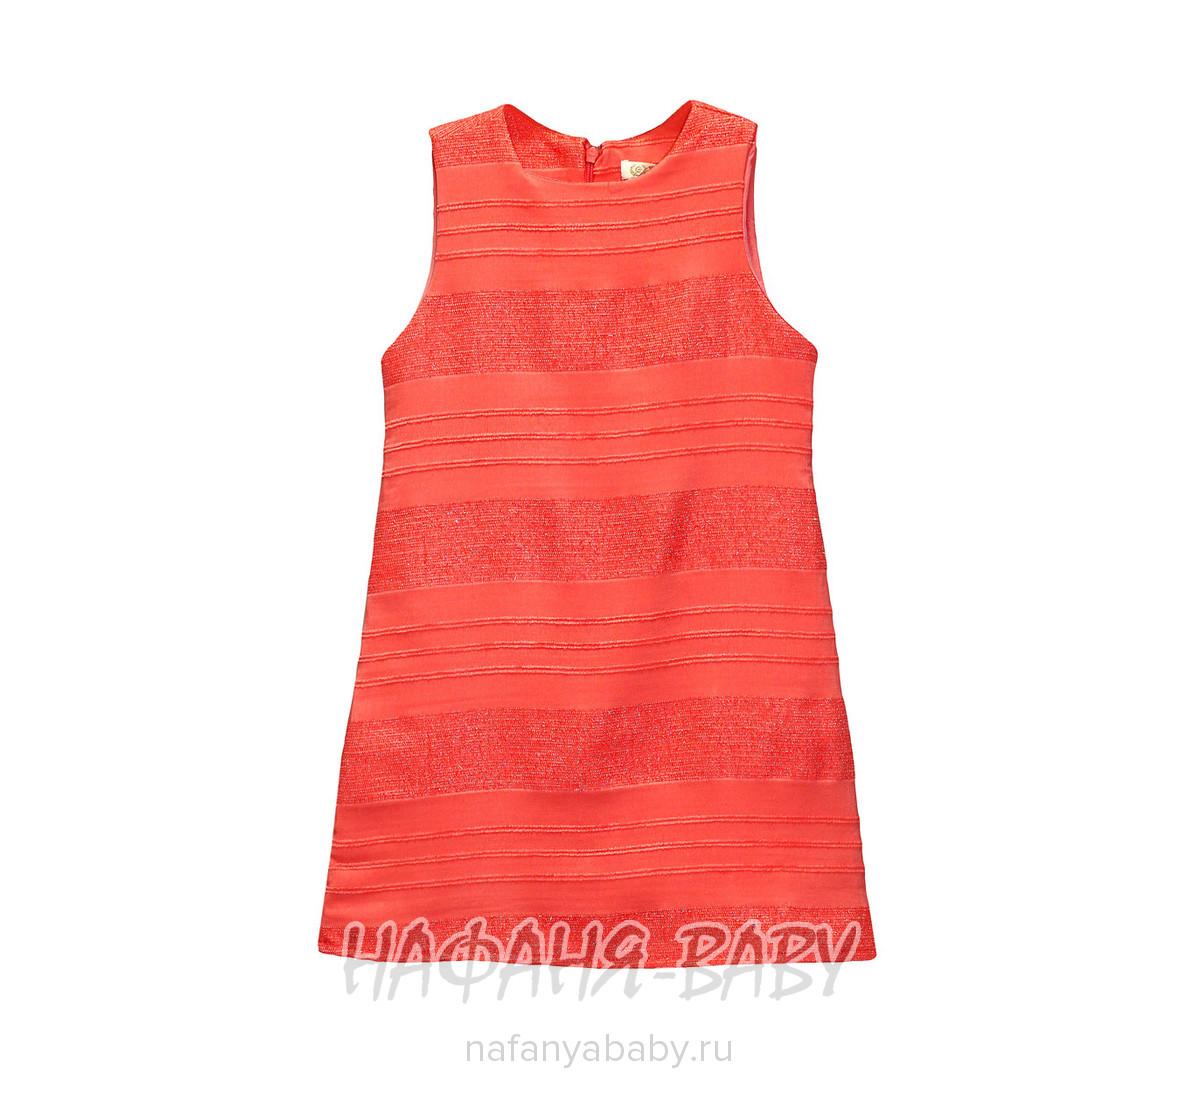 Детское платье WECAN арт: 17221, 5-9 лет, 1-4 года, цвет коралловый, оптом Турция